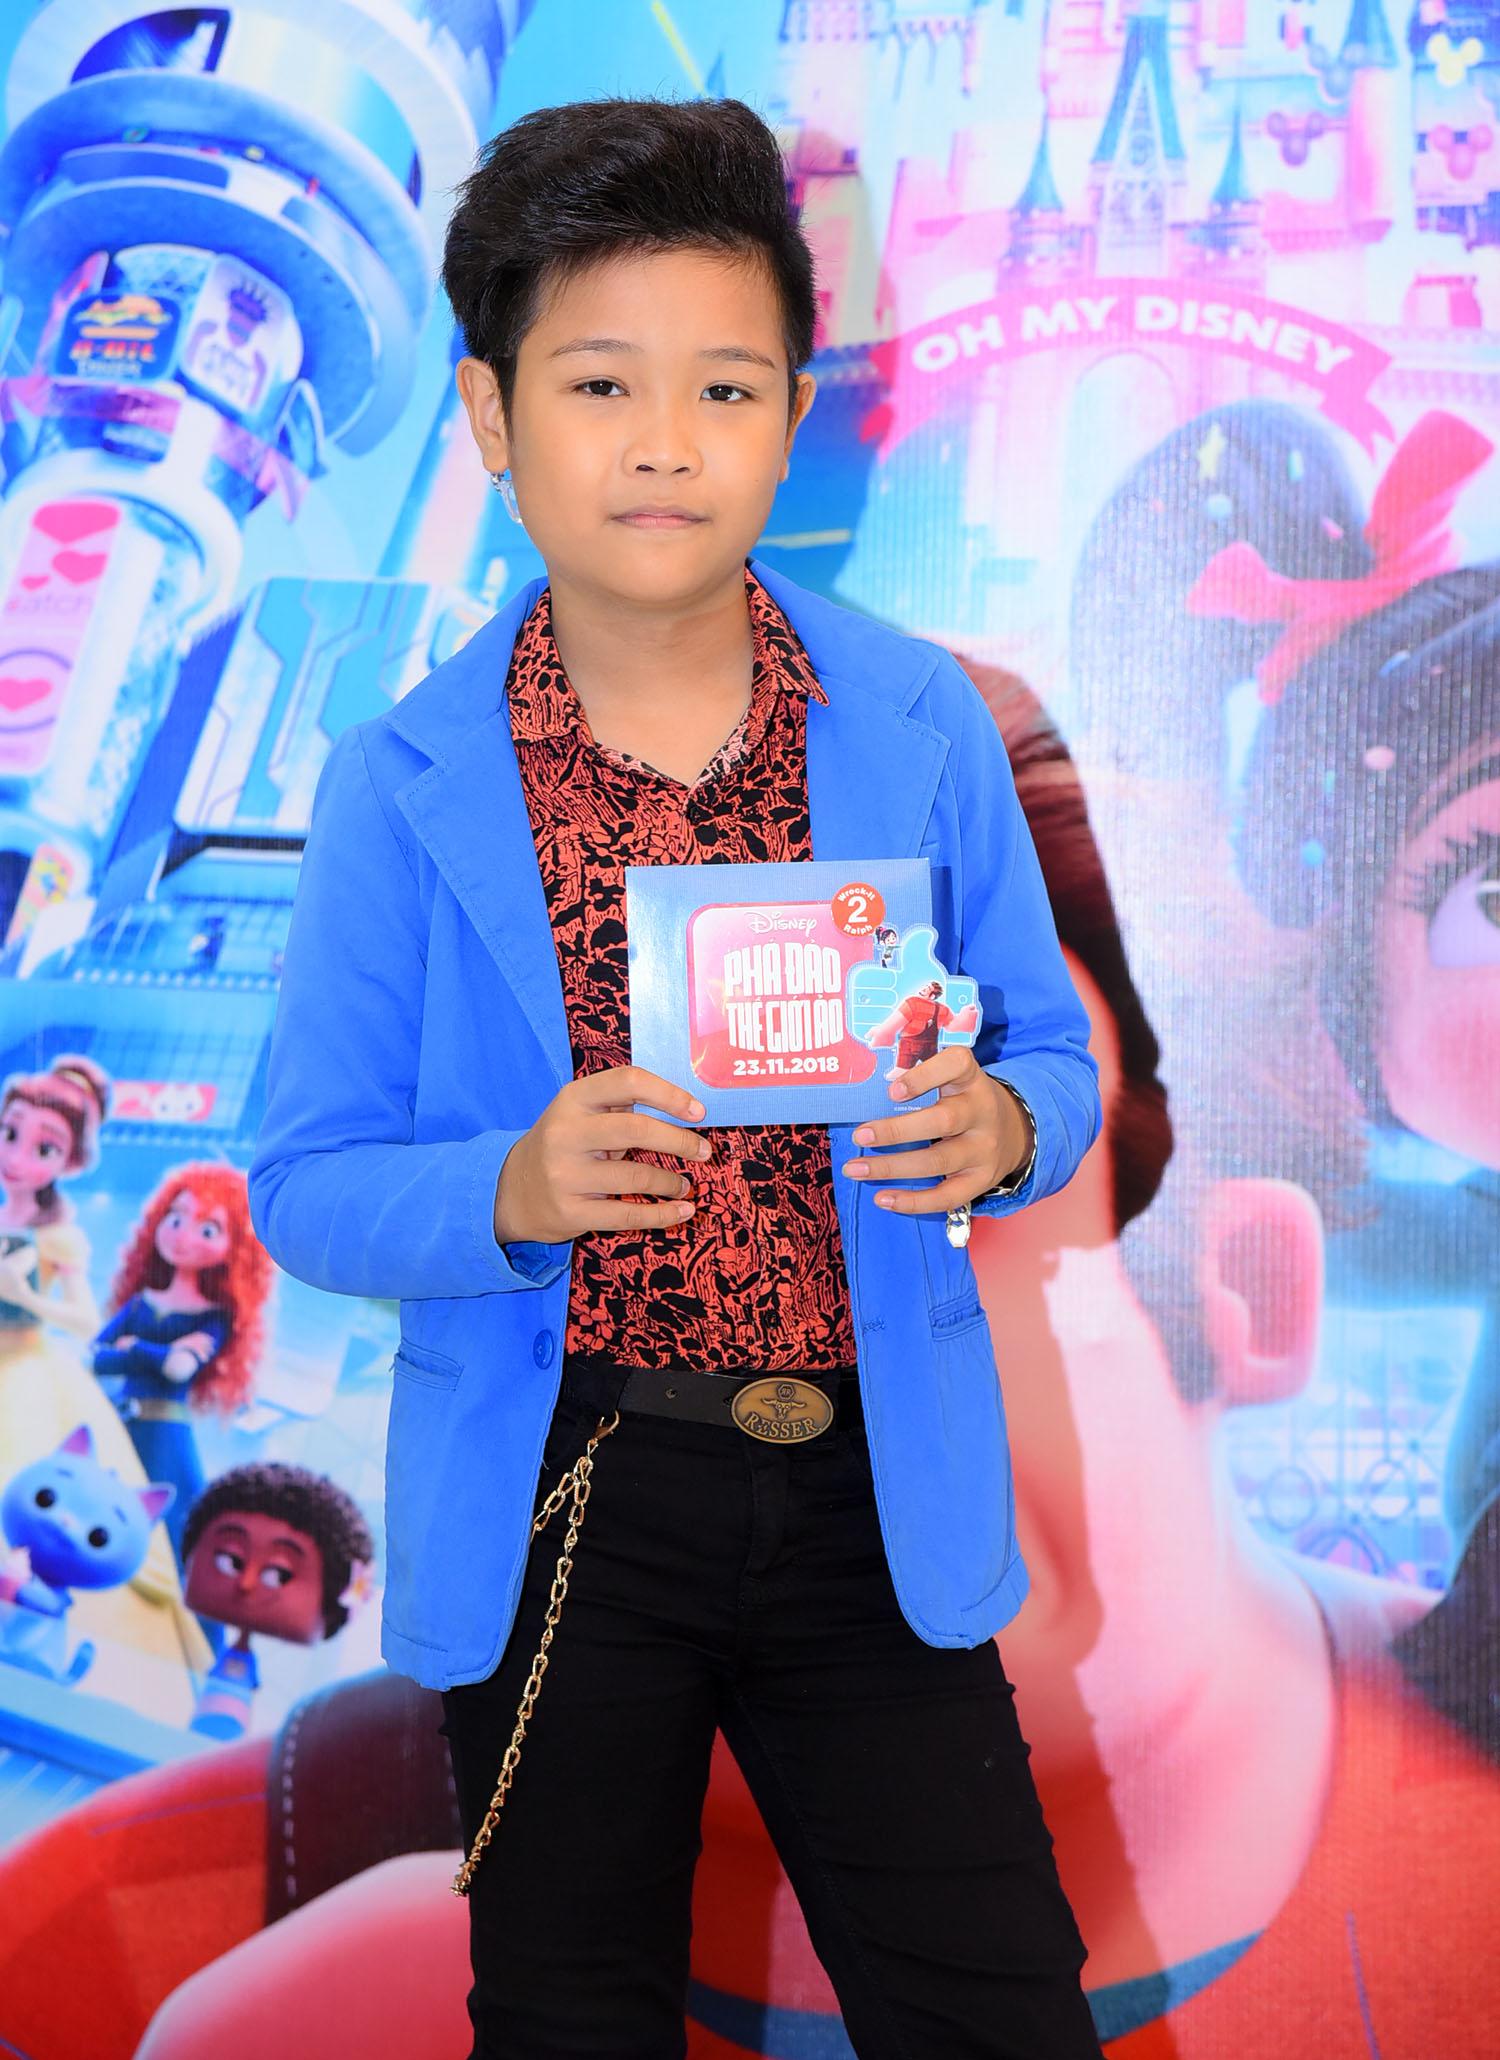 Bé Nhật Minh - Quán quân The Voice Kids 2016 - phấn khích được du ngoạn vào thế giới ảo